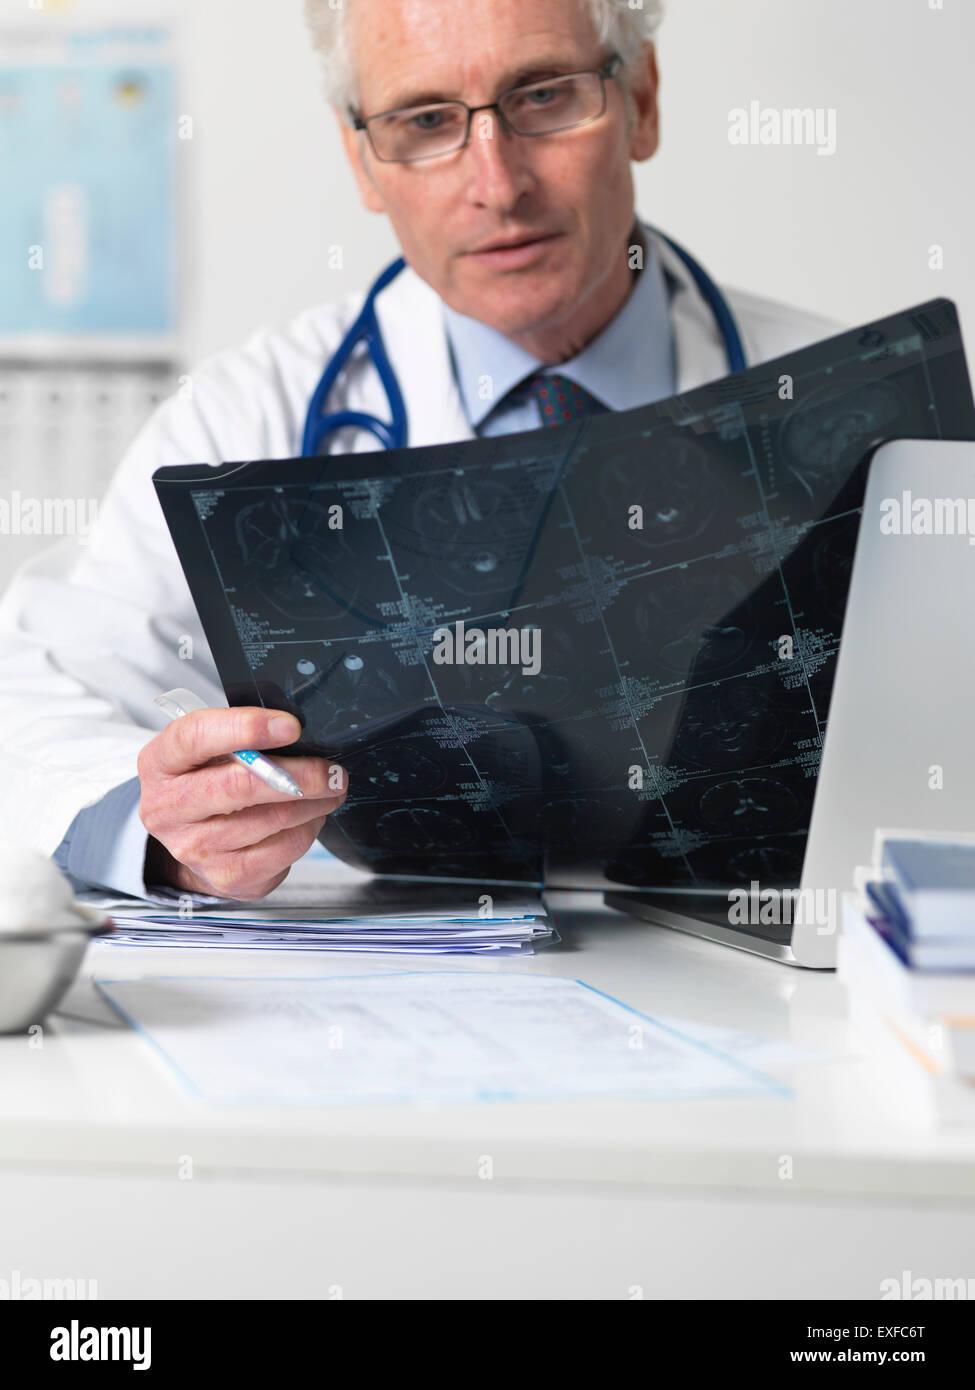 Médecin film d'étude feuille de la tomodensitométrie (TDM) analyse de diverses sections à travers la tête humaine Banque D'Images